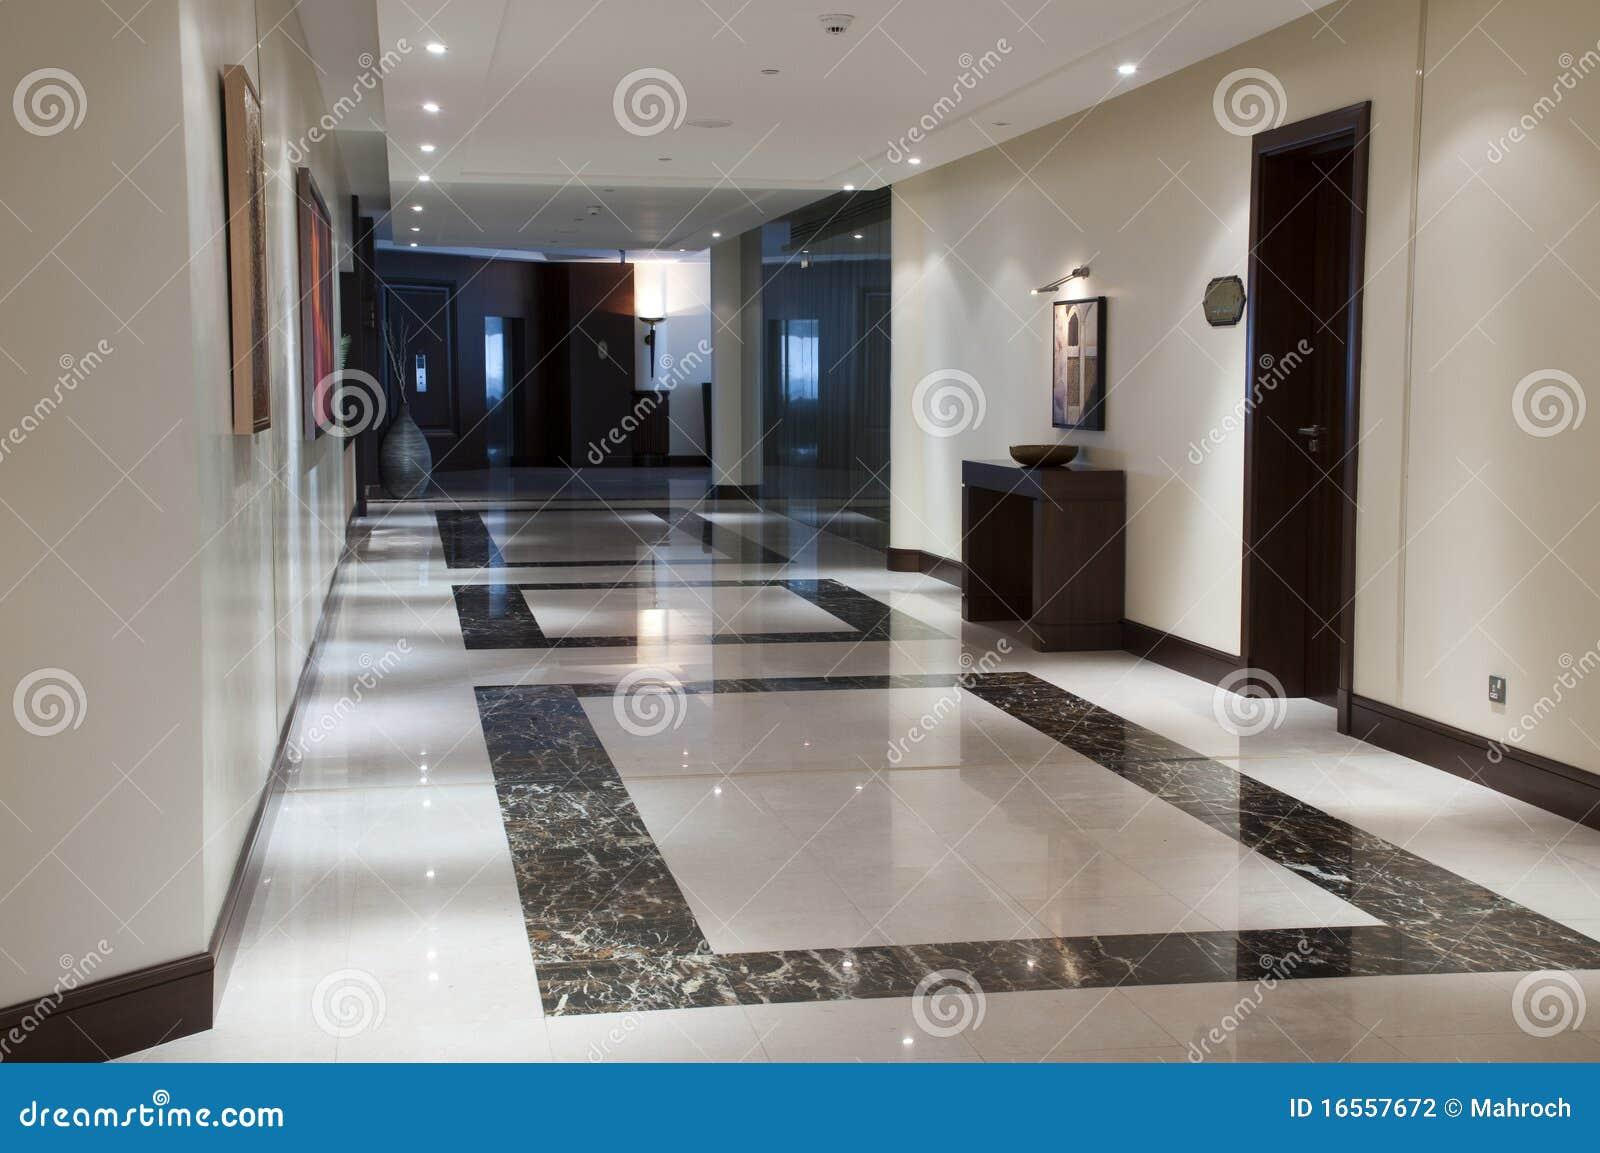 Corredor No Hotel De Luxo Fotografia de Stock Imagem: 16557672 #50627B 1300x953 Banheiro De Hotel De Luxo